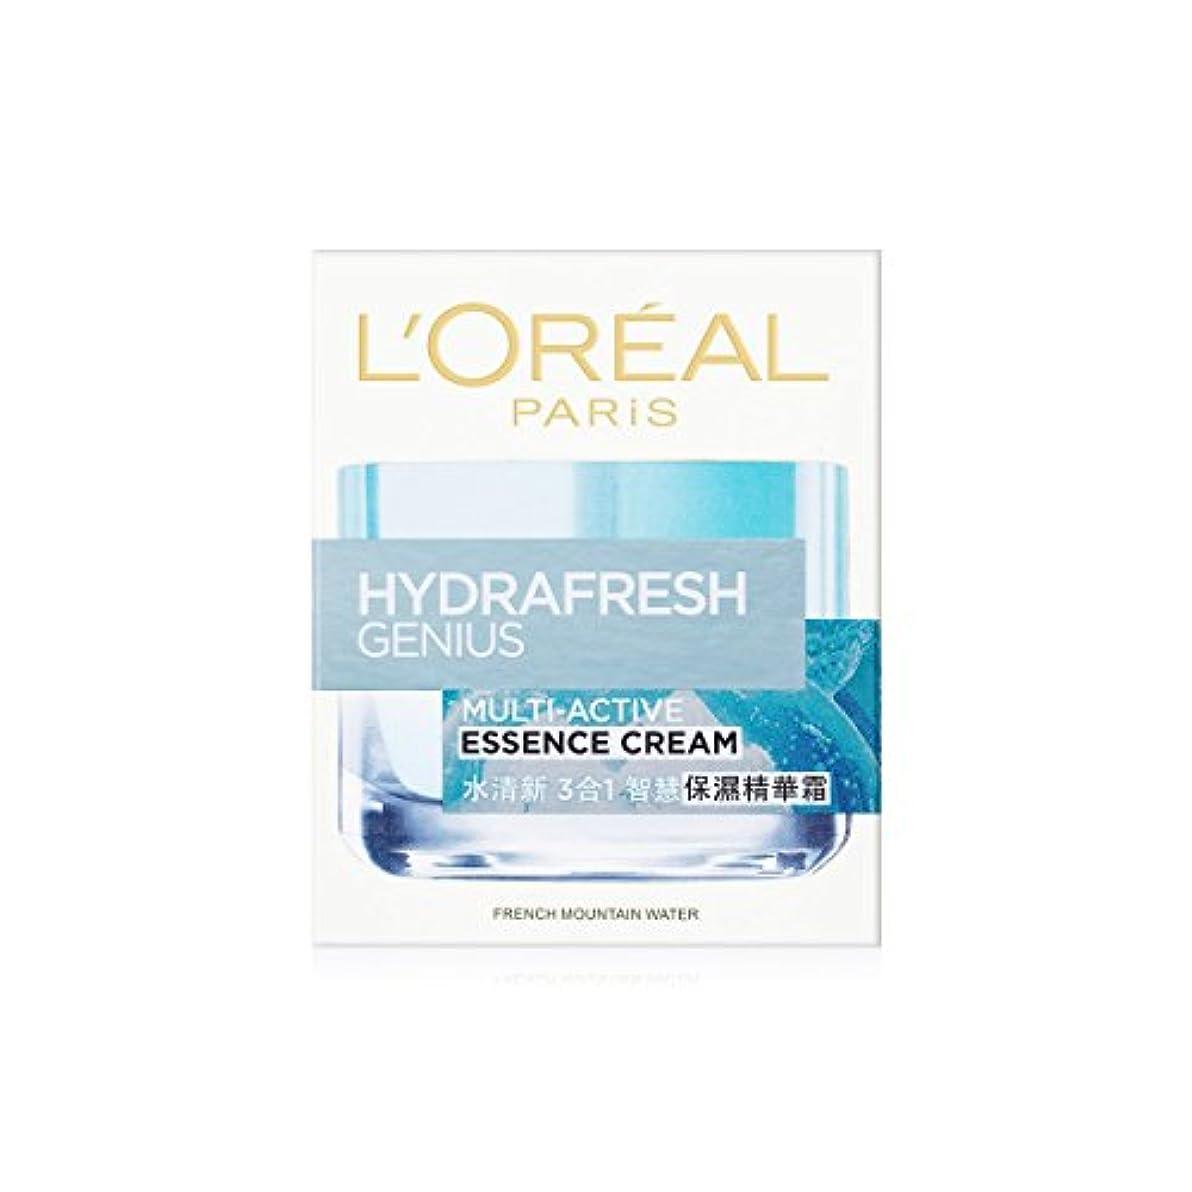 モンク衰える不健全ロレアル Hydrafresh Genius Multi-Active Essence Cream 50ml/1.7oz並行輸入品